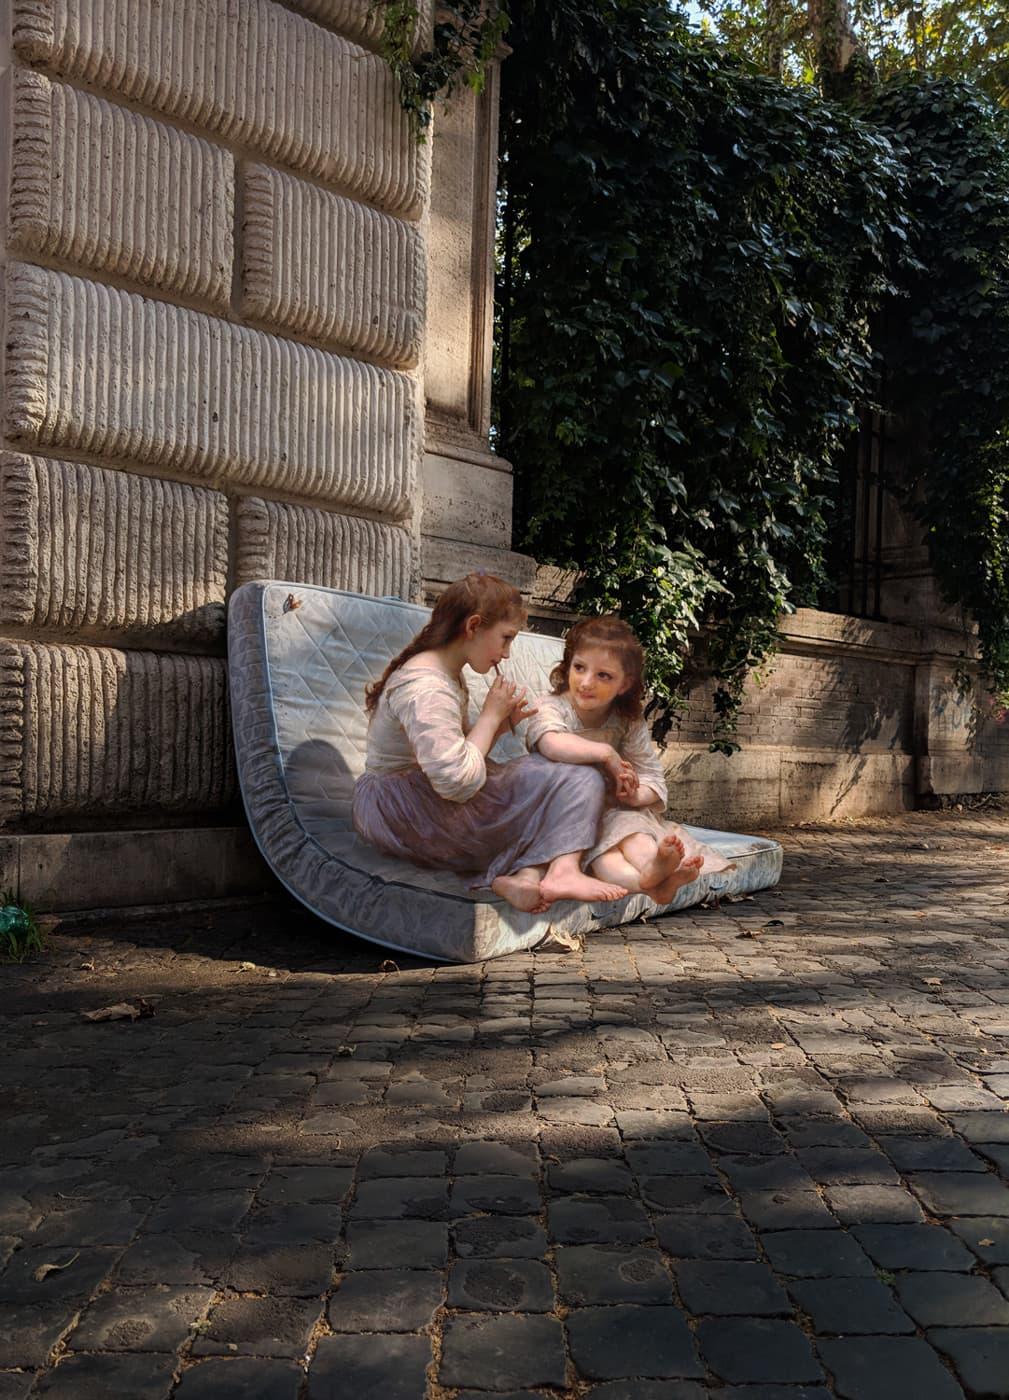 Alexey Kondakov - Fotomontagen mit klassischen Figuren